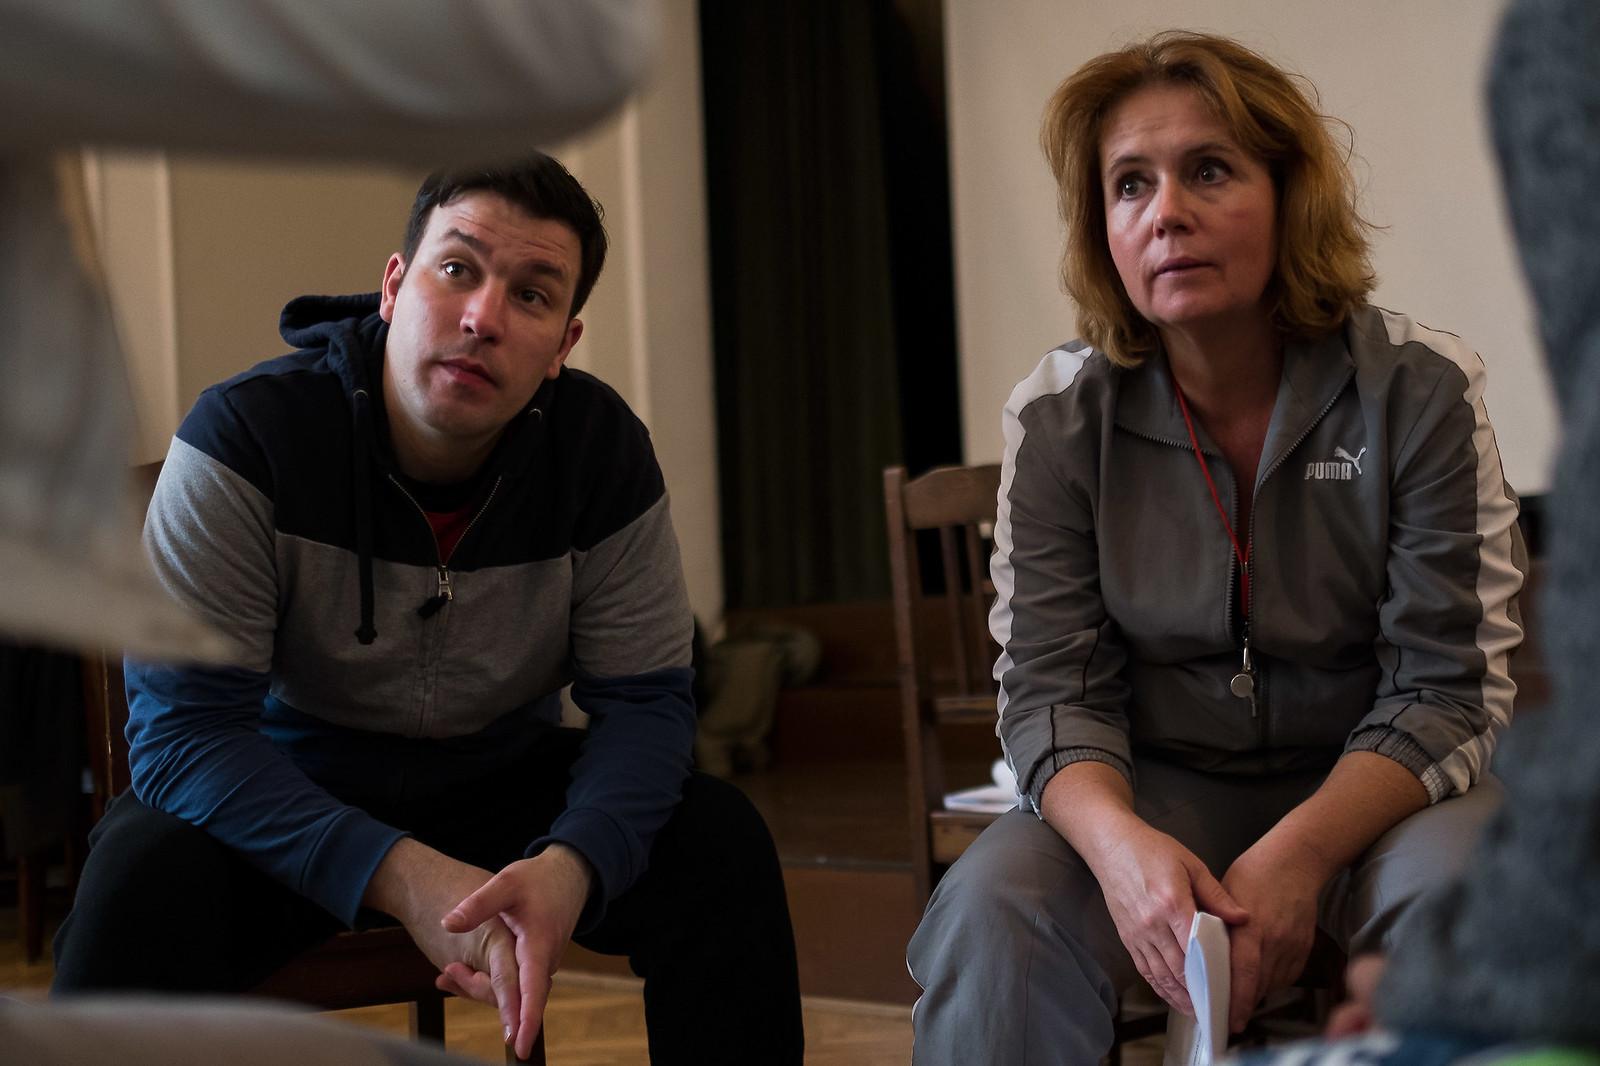 Bakonyvári L. Ágnes és Inoka Péter az egyik kiscsoportos beszélgetés során | Fotó: Magócsi Márton